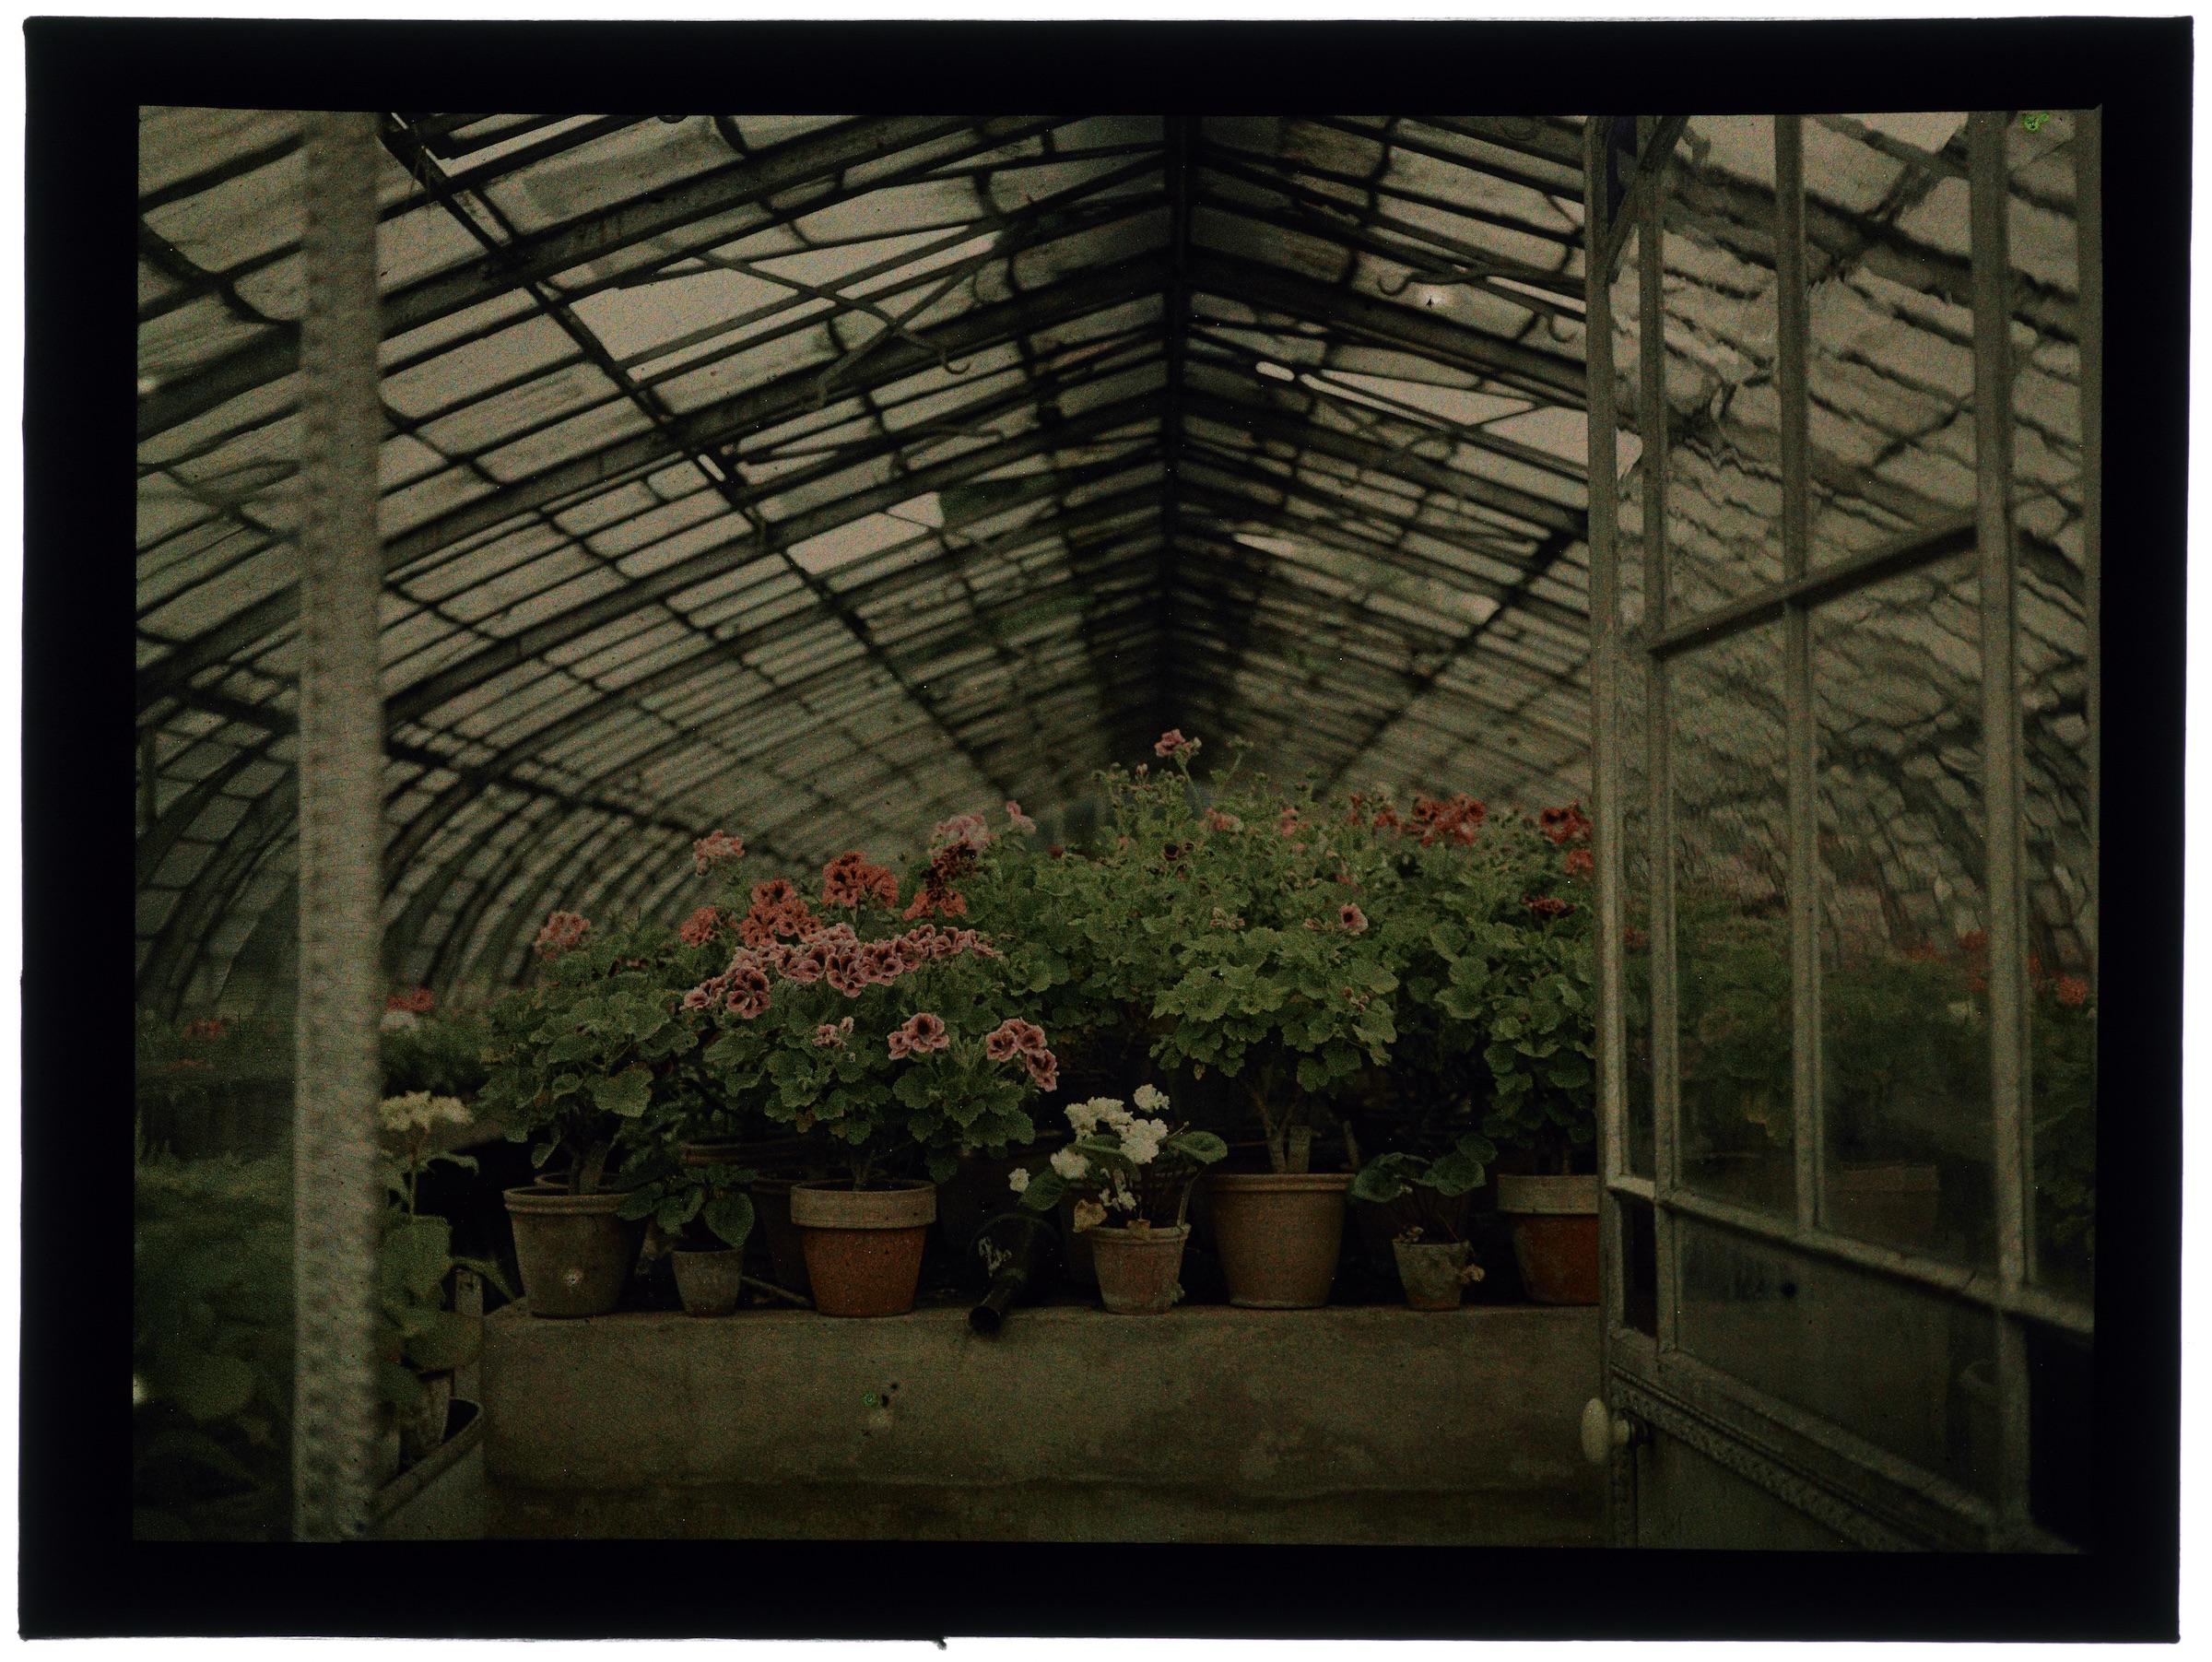 Pots de fleurs dans l'entrée de la serre arrondie